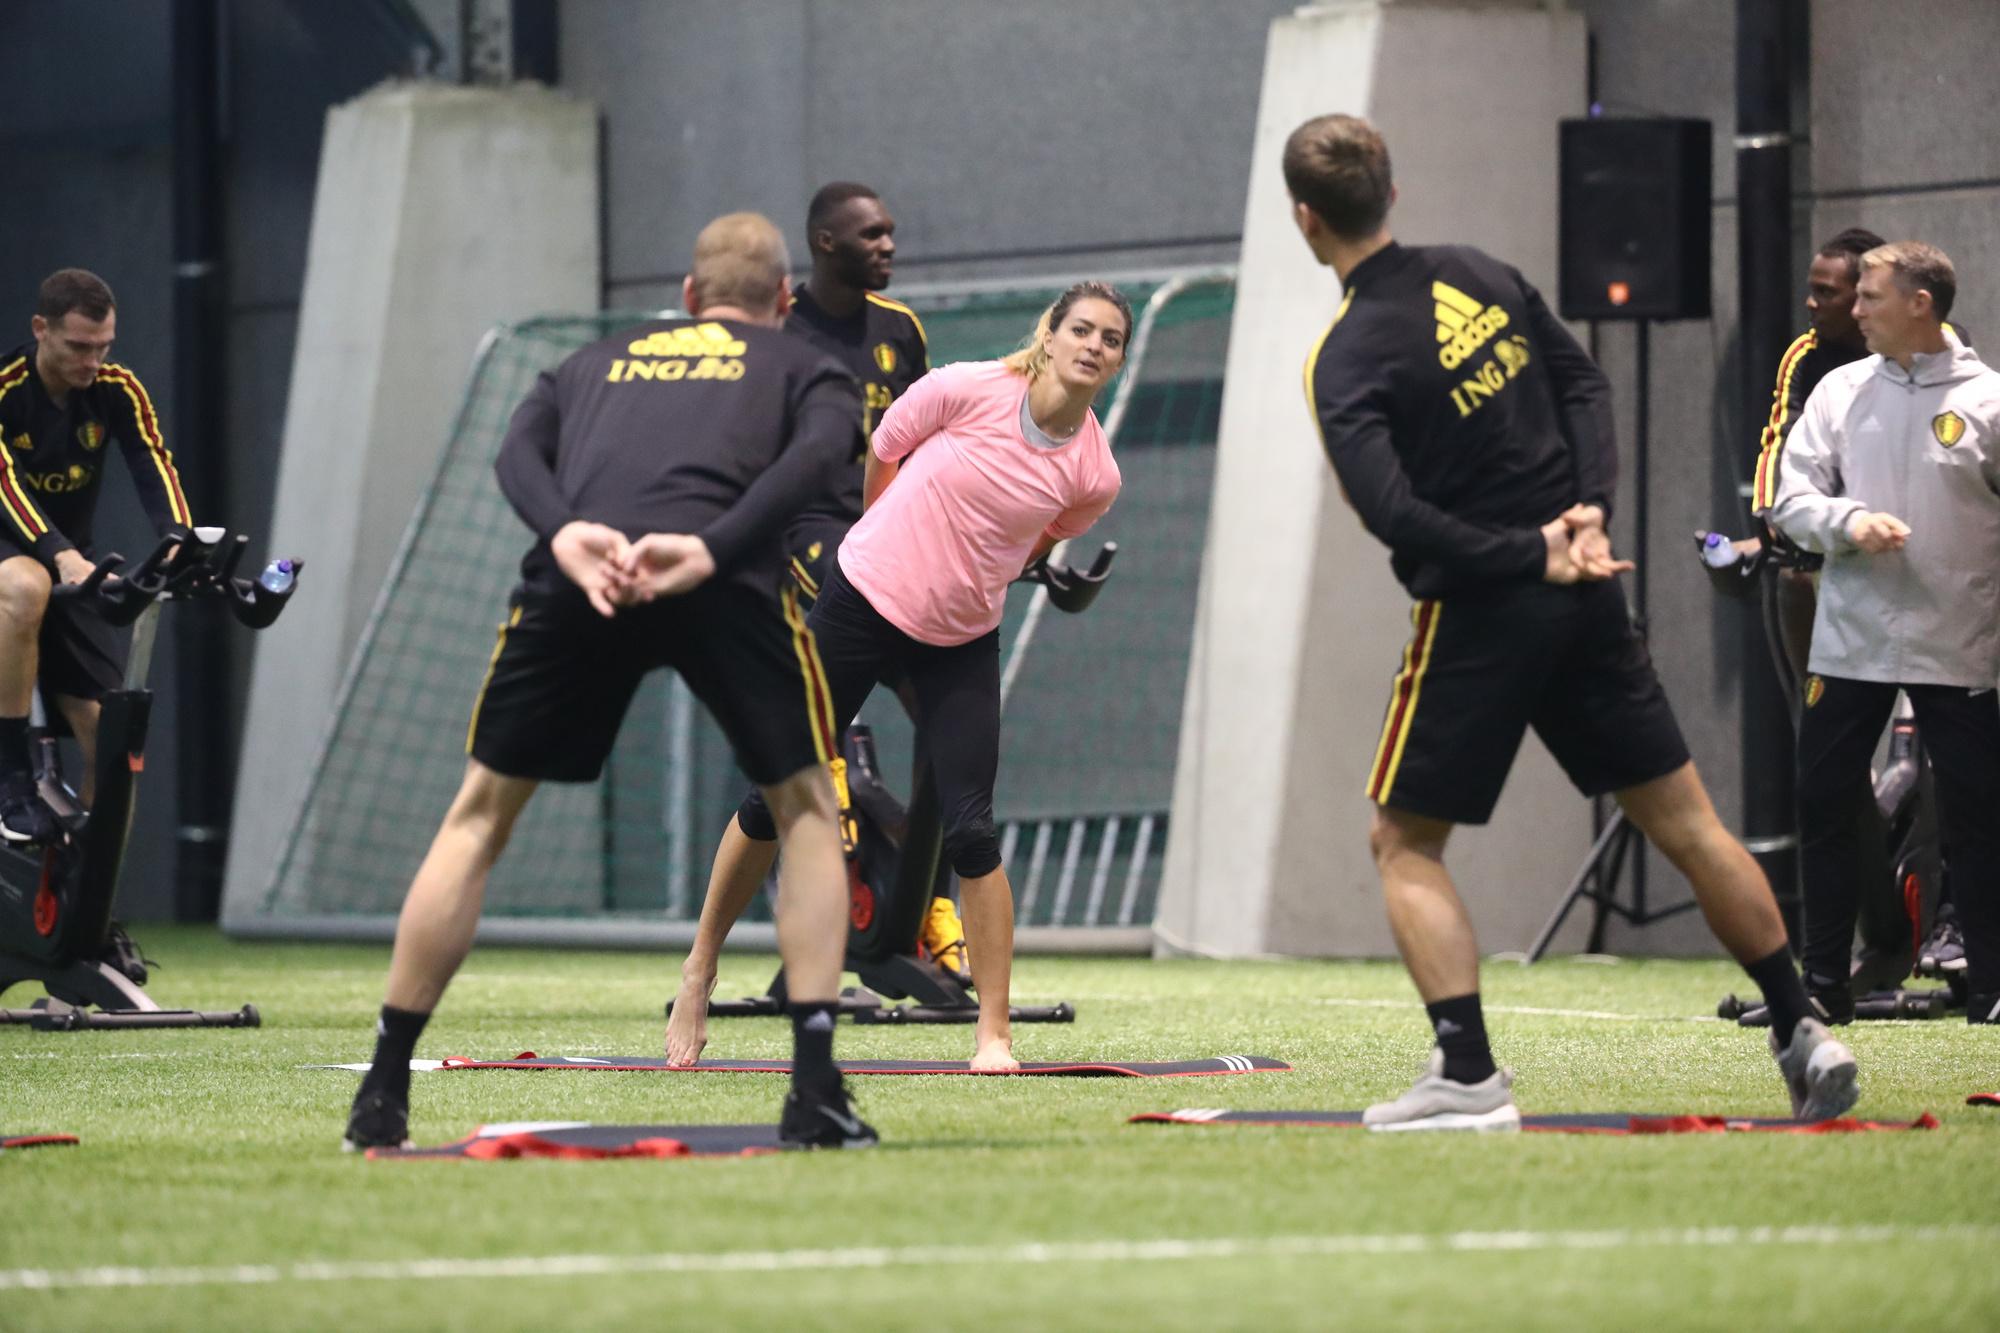 Claudia Van Avermaet, la soeur de Greg Van Avermaet, a dirigé l'entraînement des Diables Rouges, lundi à Tubize. , belga